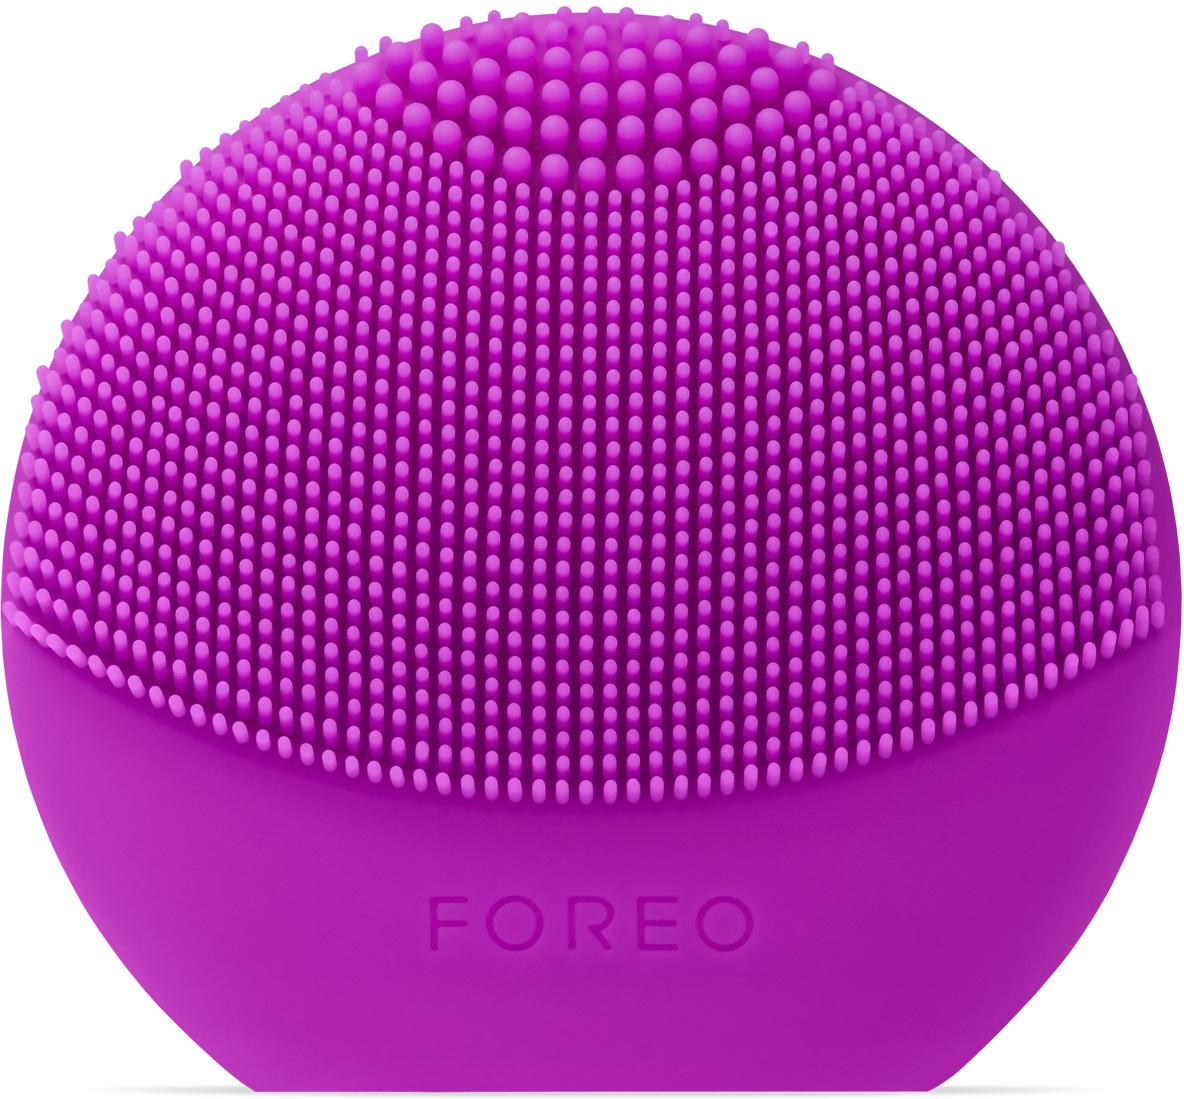 Foreo Щетка для очищения лица LUNA play plus, цвет: Purple (пурпурный)F7799LUNA play plus, благодаря которой твоя кожа всегда остаётся безупречно красивой, идеально подходит для знакомства с линией по уходу за кожей от FOREO. Мягкие силиконовые щетинки, передающие до 8000 T Sonic пульсаций в минуту, глубоко, но нежно очищают поры кожи от 99,5 процентов грязи, кожного жира и остатков макияжа. Очищающая поверхность большего размера и удлинённые щетинки LUNA play plus обеспечивают более нежную интенсивную очистку. Прибор работает на сменной батарейке ААА, что делает его практичным и долговечным. Прикосновение мягкого силикона к коже необычайно нежно и приятно, он гипоаллергенен и не содержит фталатов и ВРА. LUNA play plus позволит избежать дополнительных затрат, так как не нуждается в сменных насадках. Используй ее всего 1 минуту дважды в день с любимым средством для очищения, и твоя кожа станет заметно красивее.